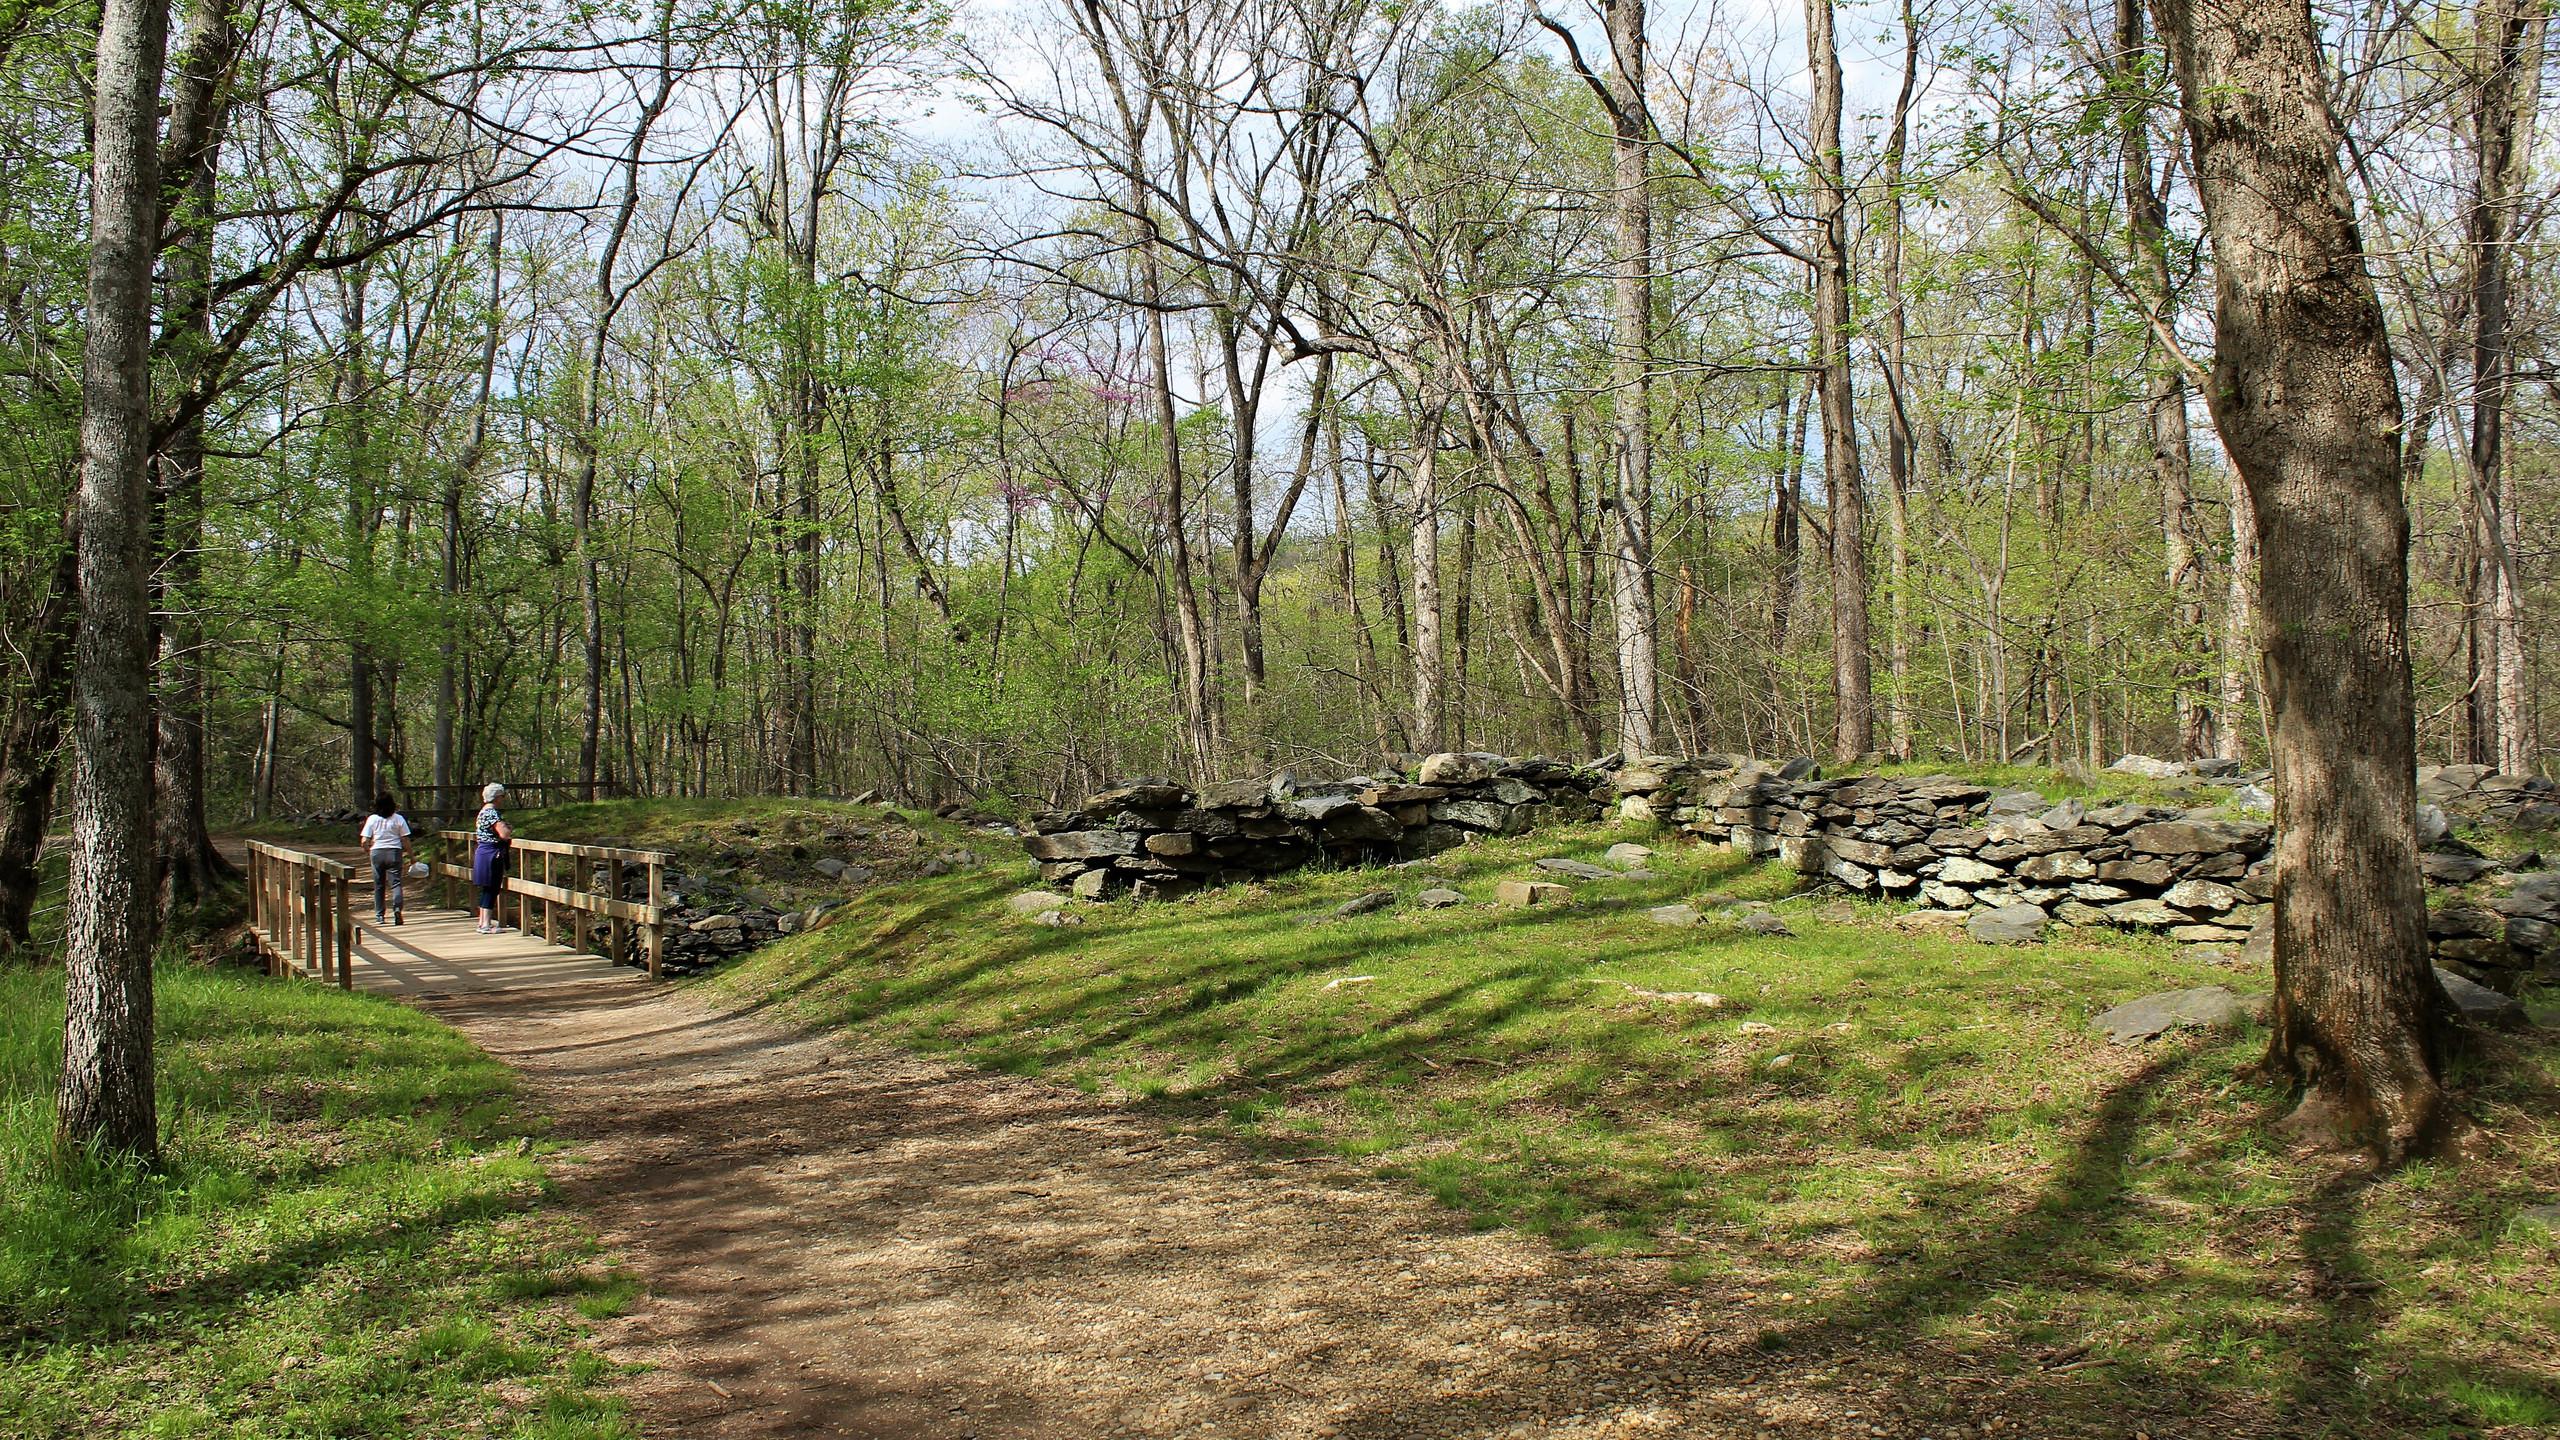 Ruins of Matildaville